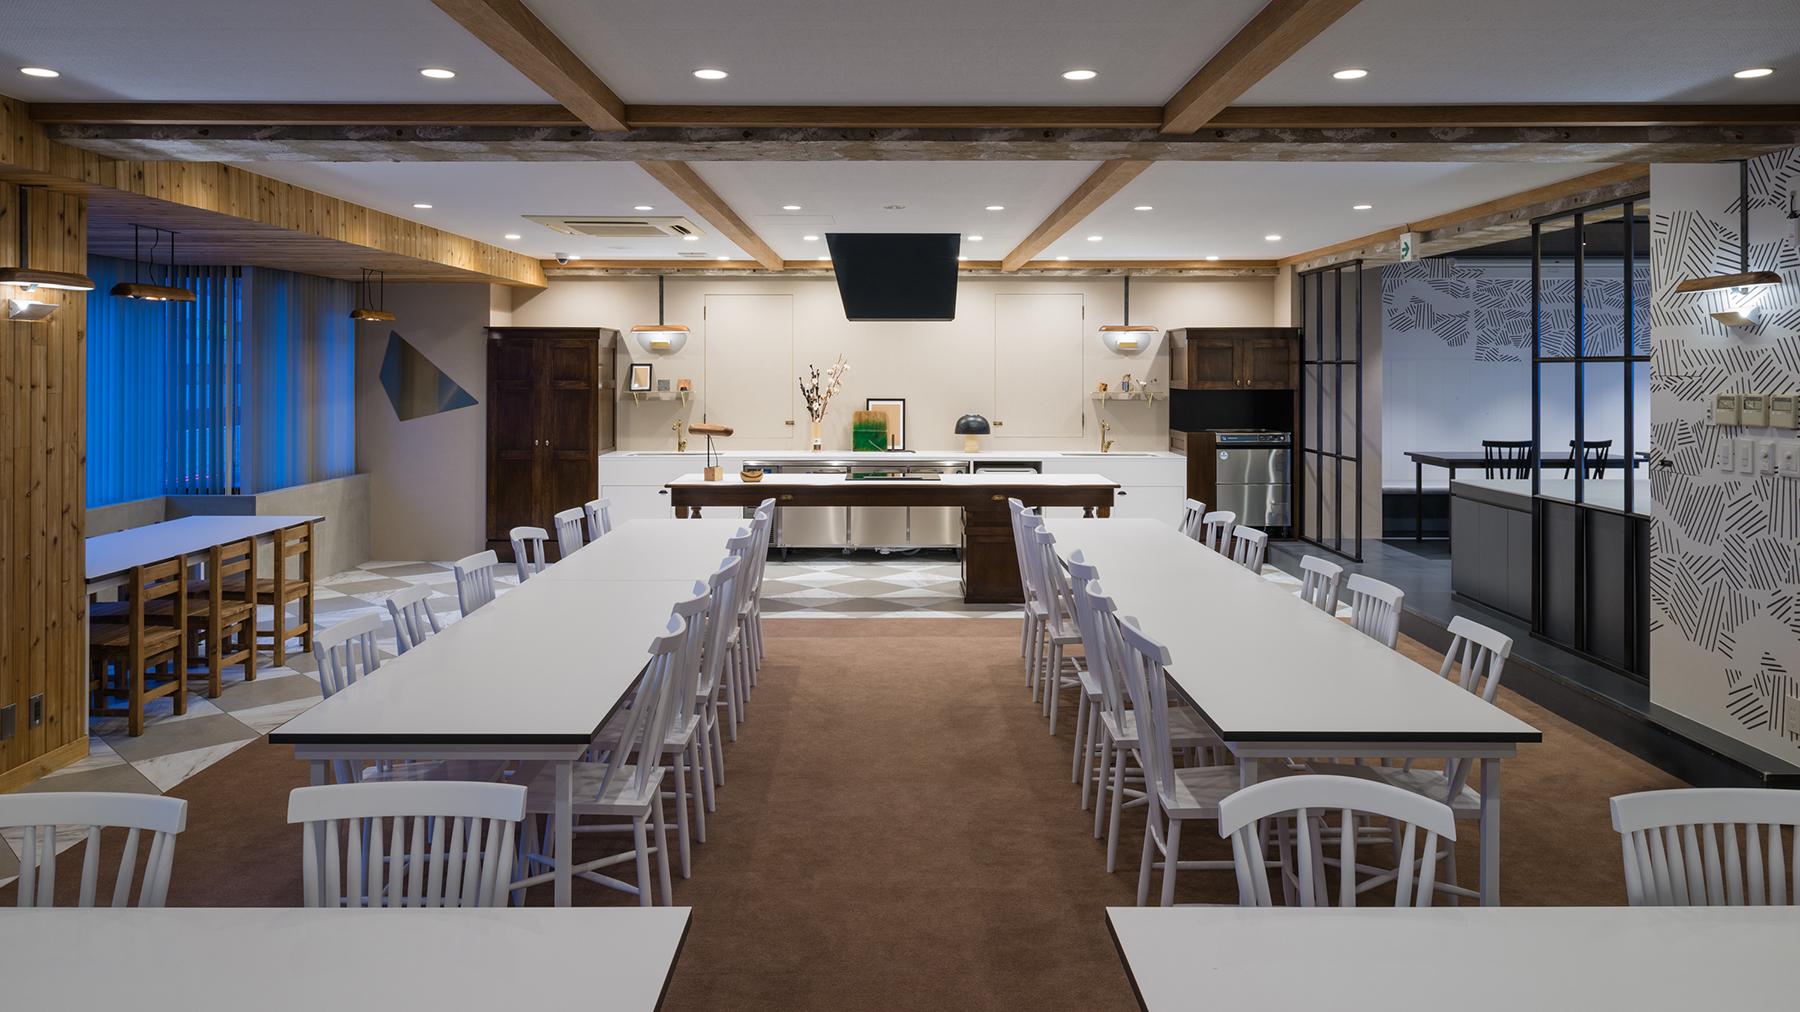 東京ベイサイド レンタルキッチンスペースPatia(パティア) レンタルキッチンスペースの室内の写真